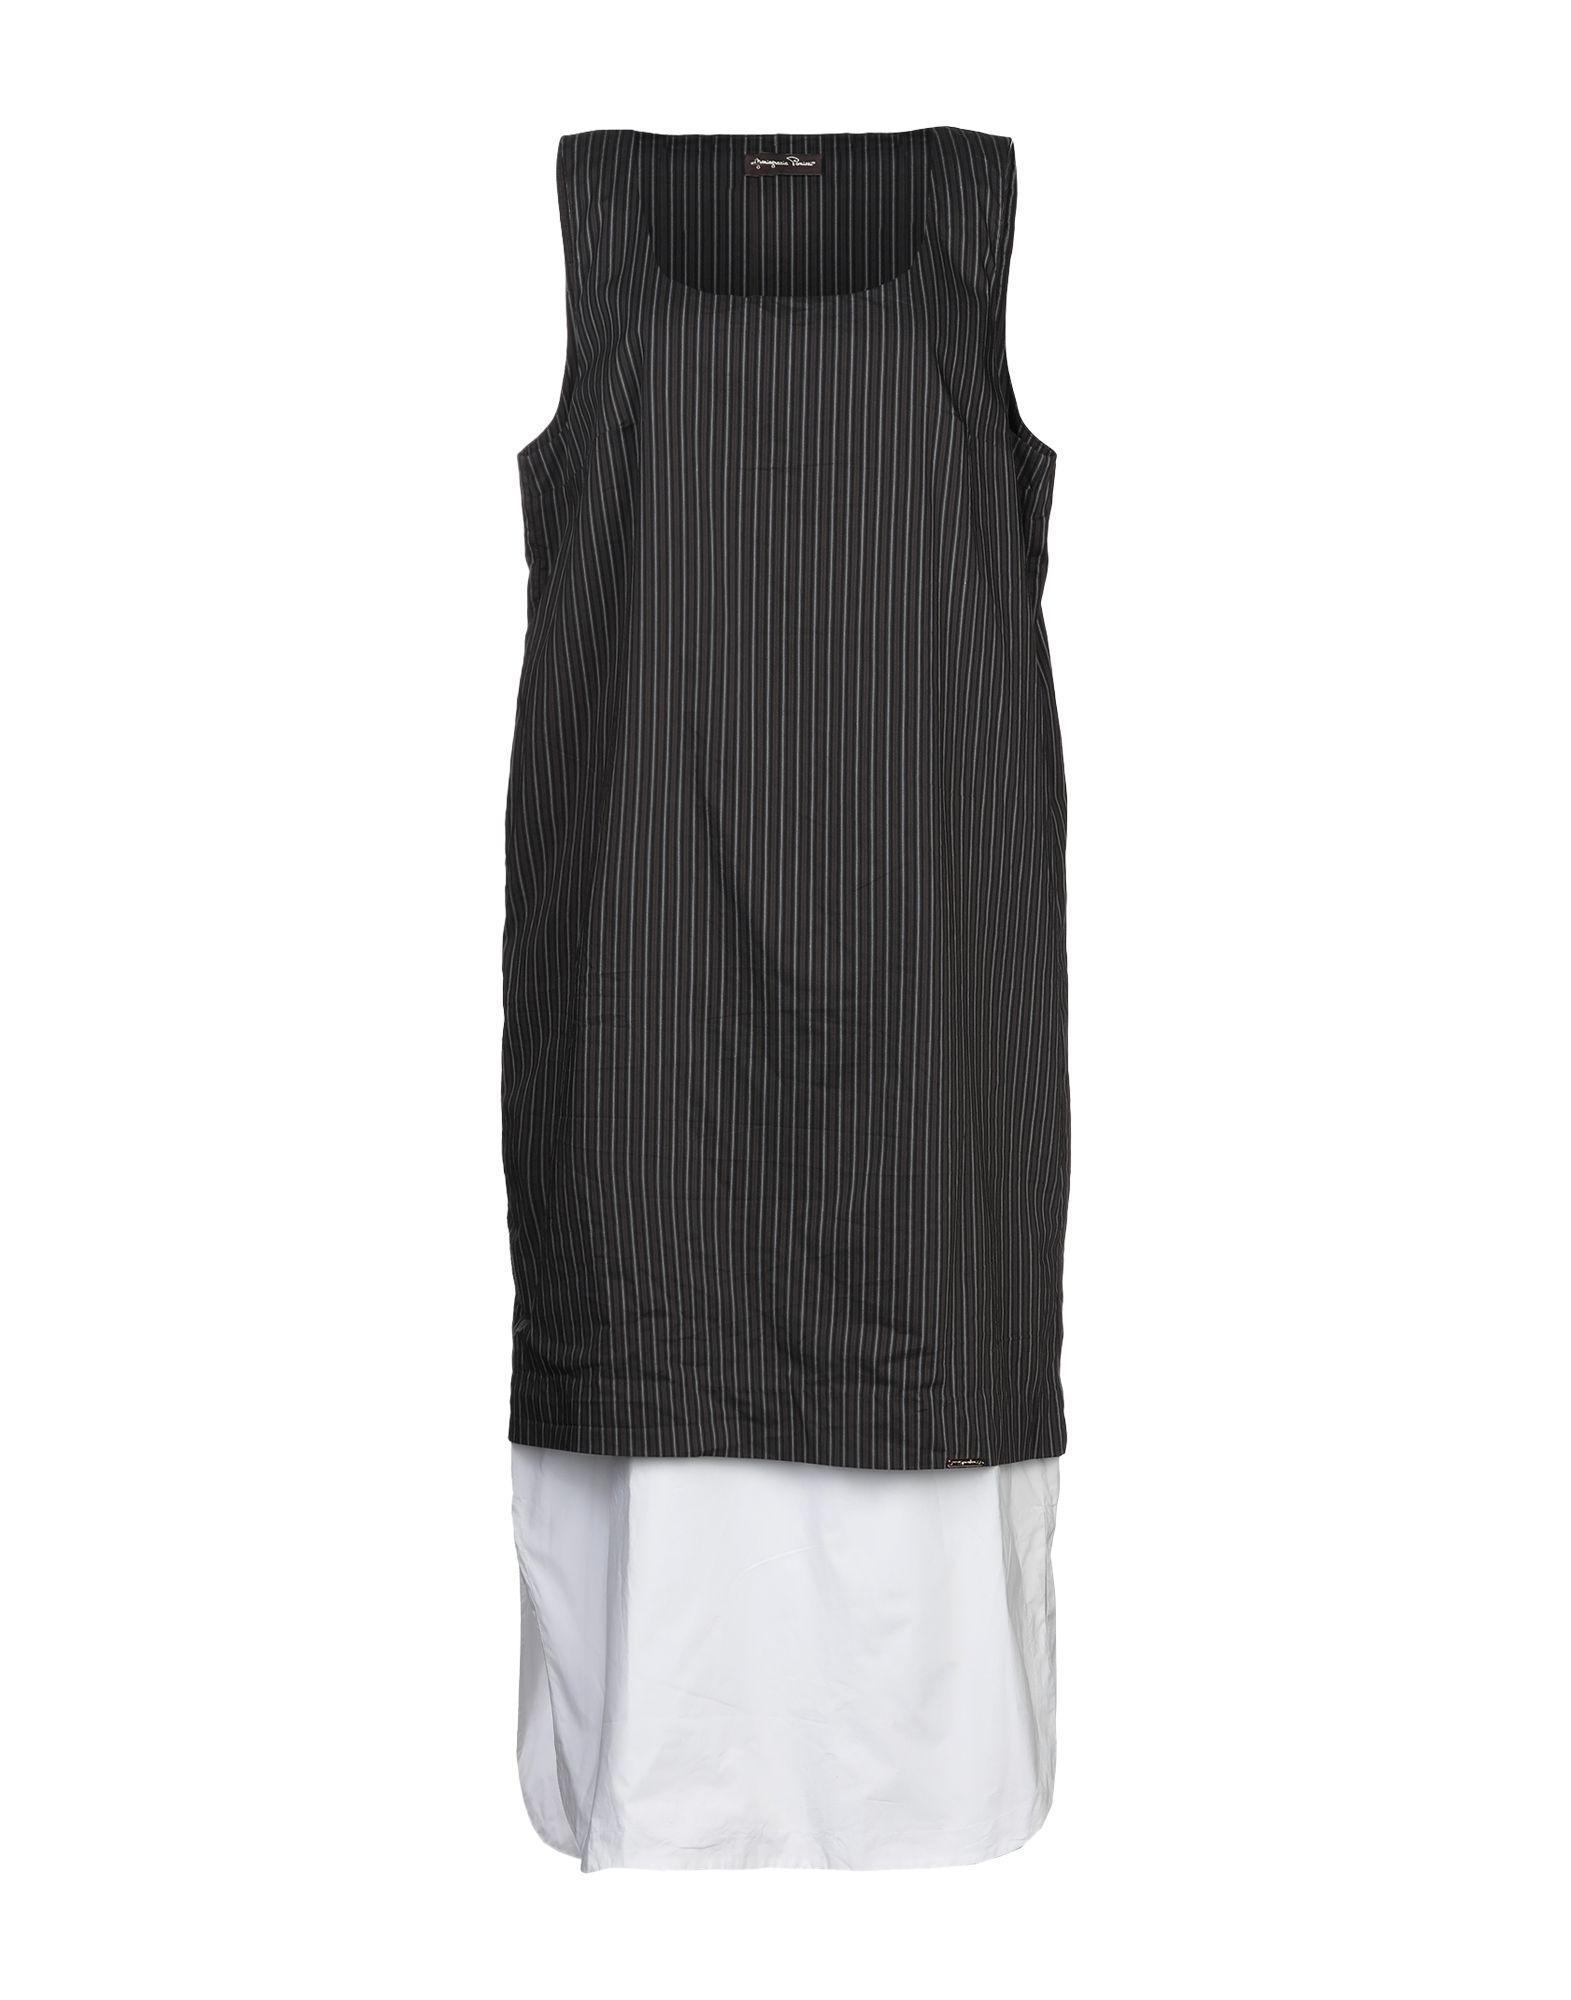 mariagrazia panizzi юбка длиной 3 4 MARIAGRAZIA PANIZZI Платье длиной 3/4